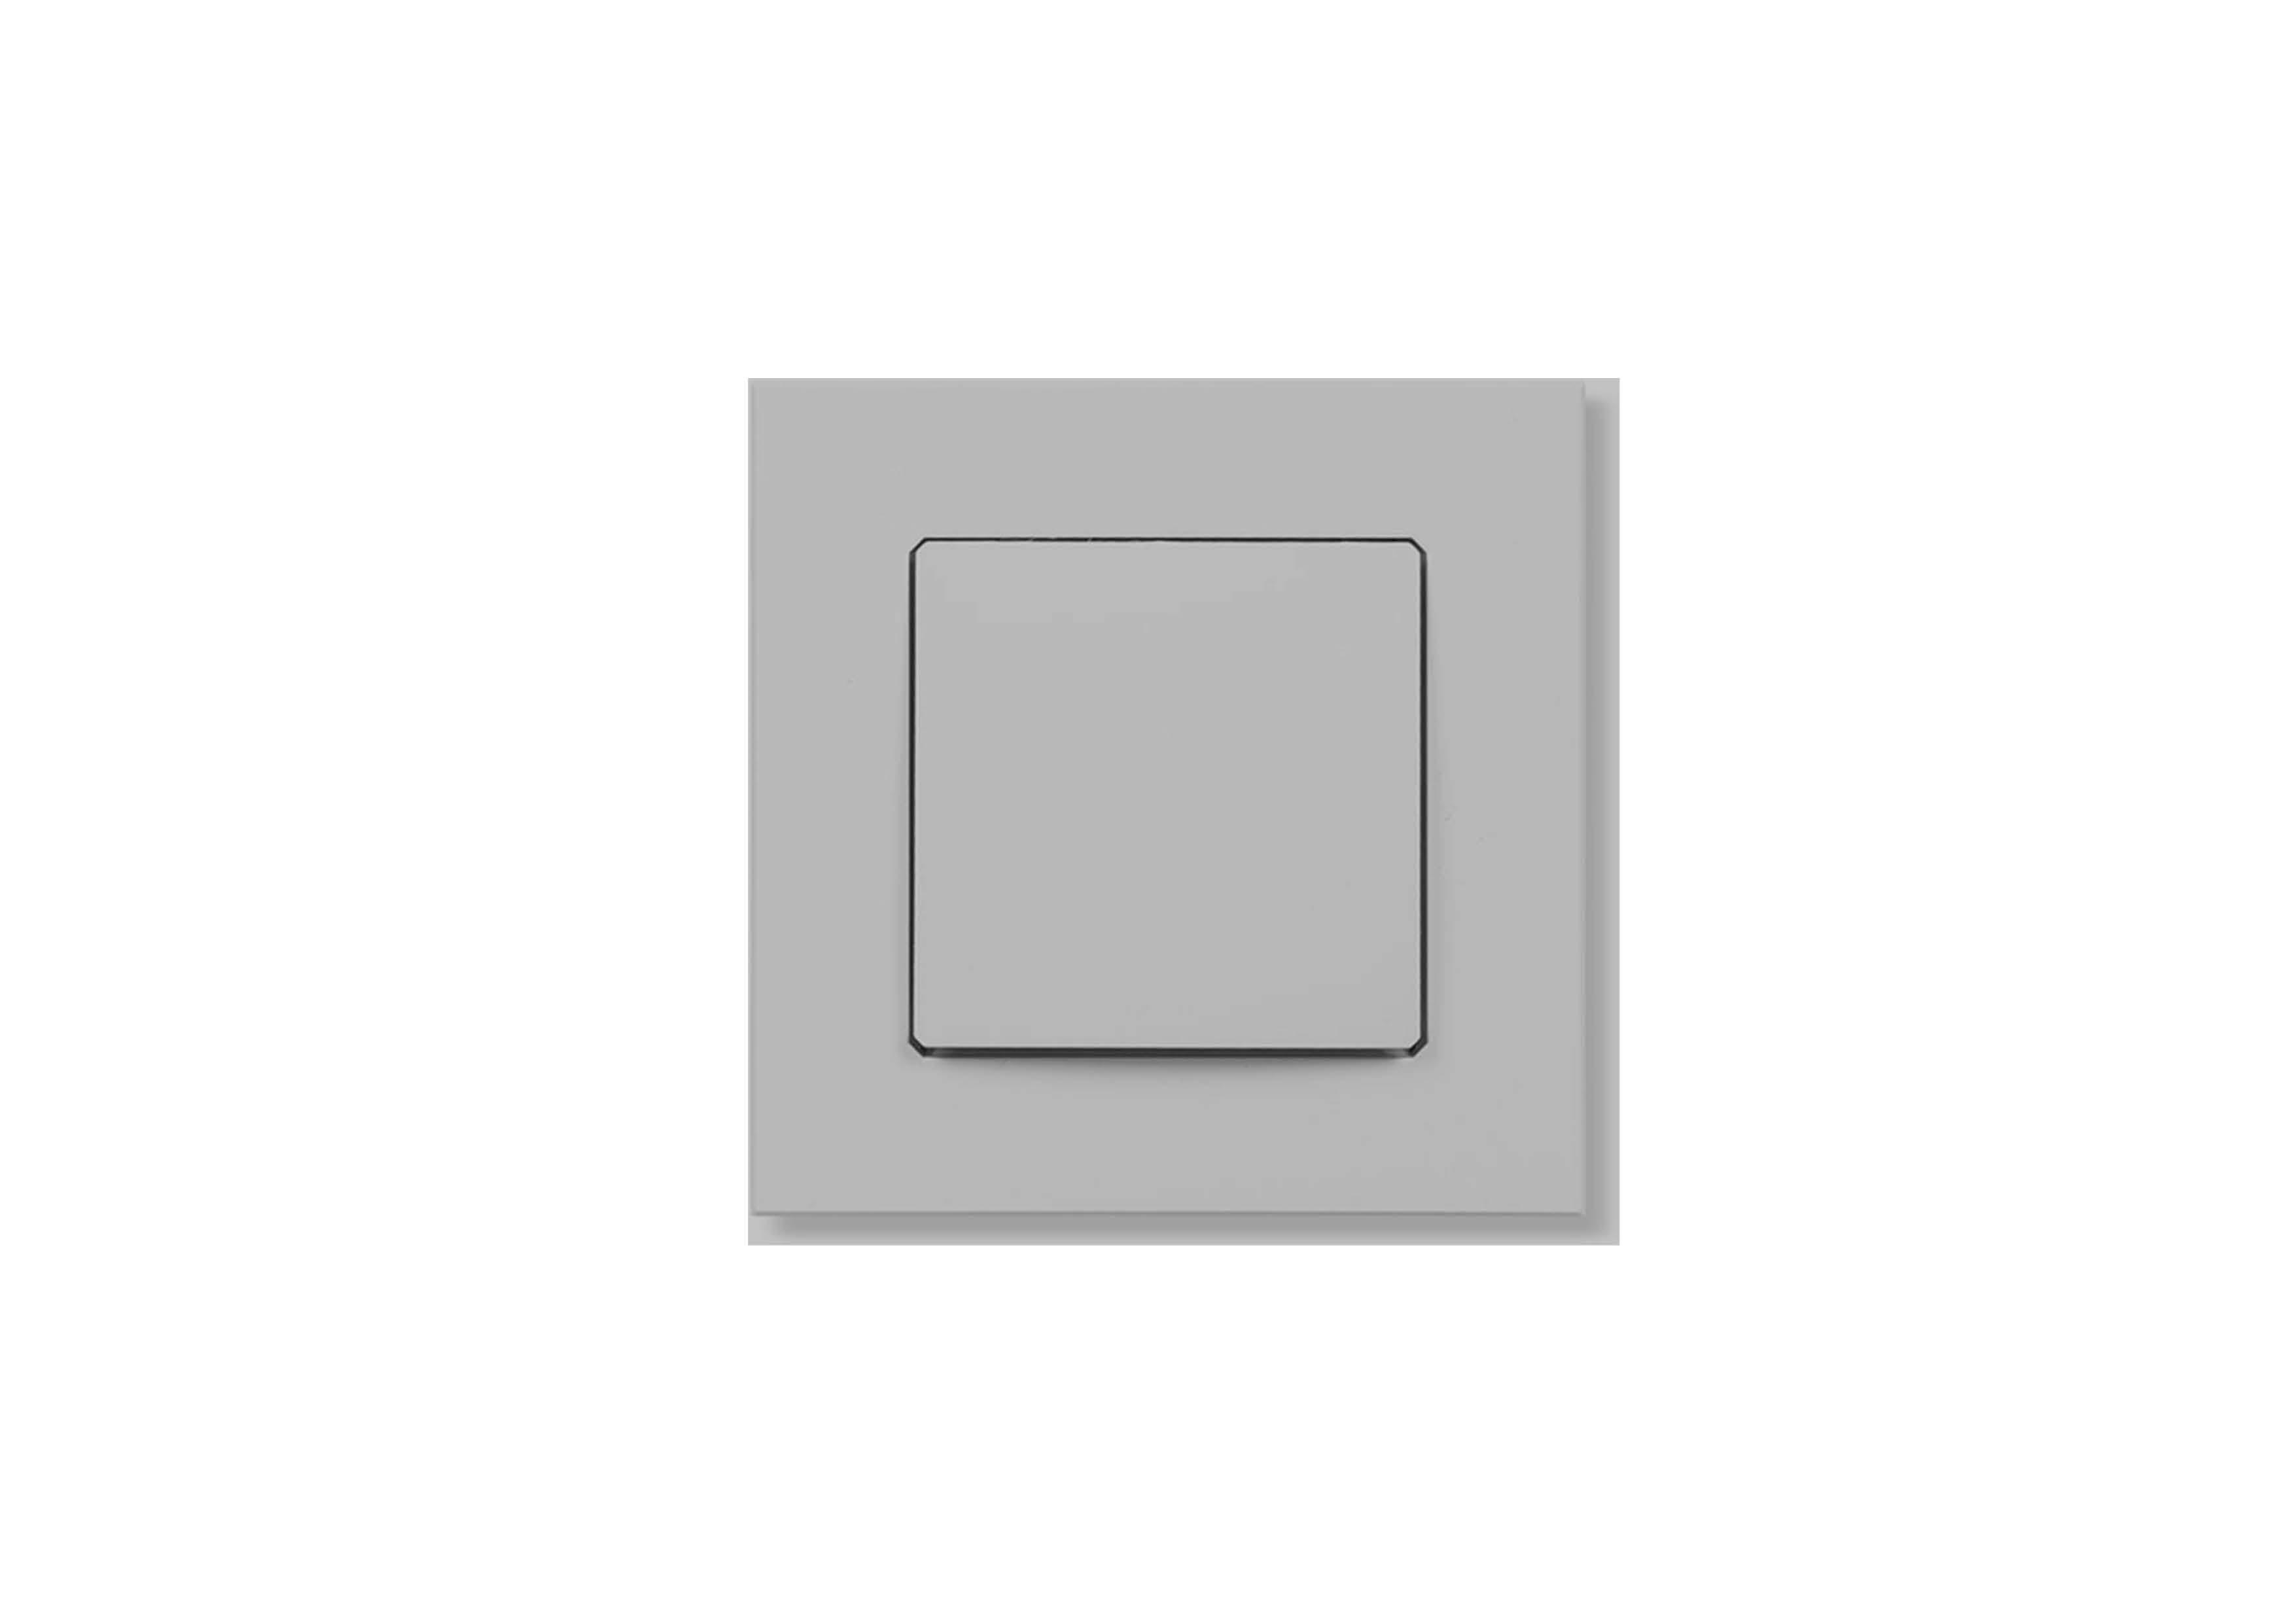 Вакуумна розетка ASKO Leovac, колір сірий